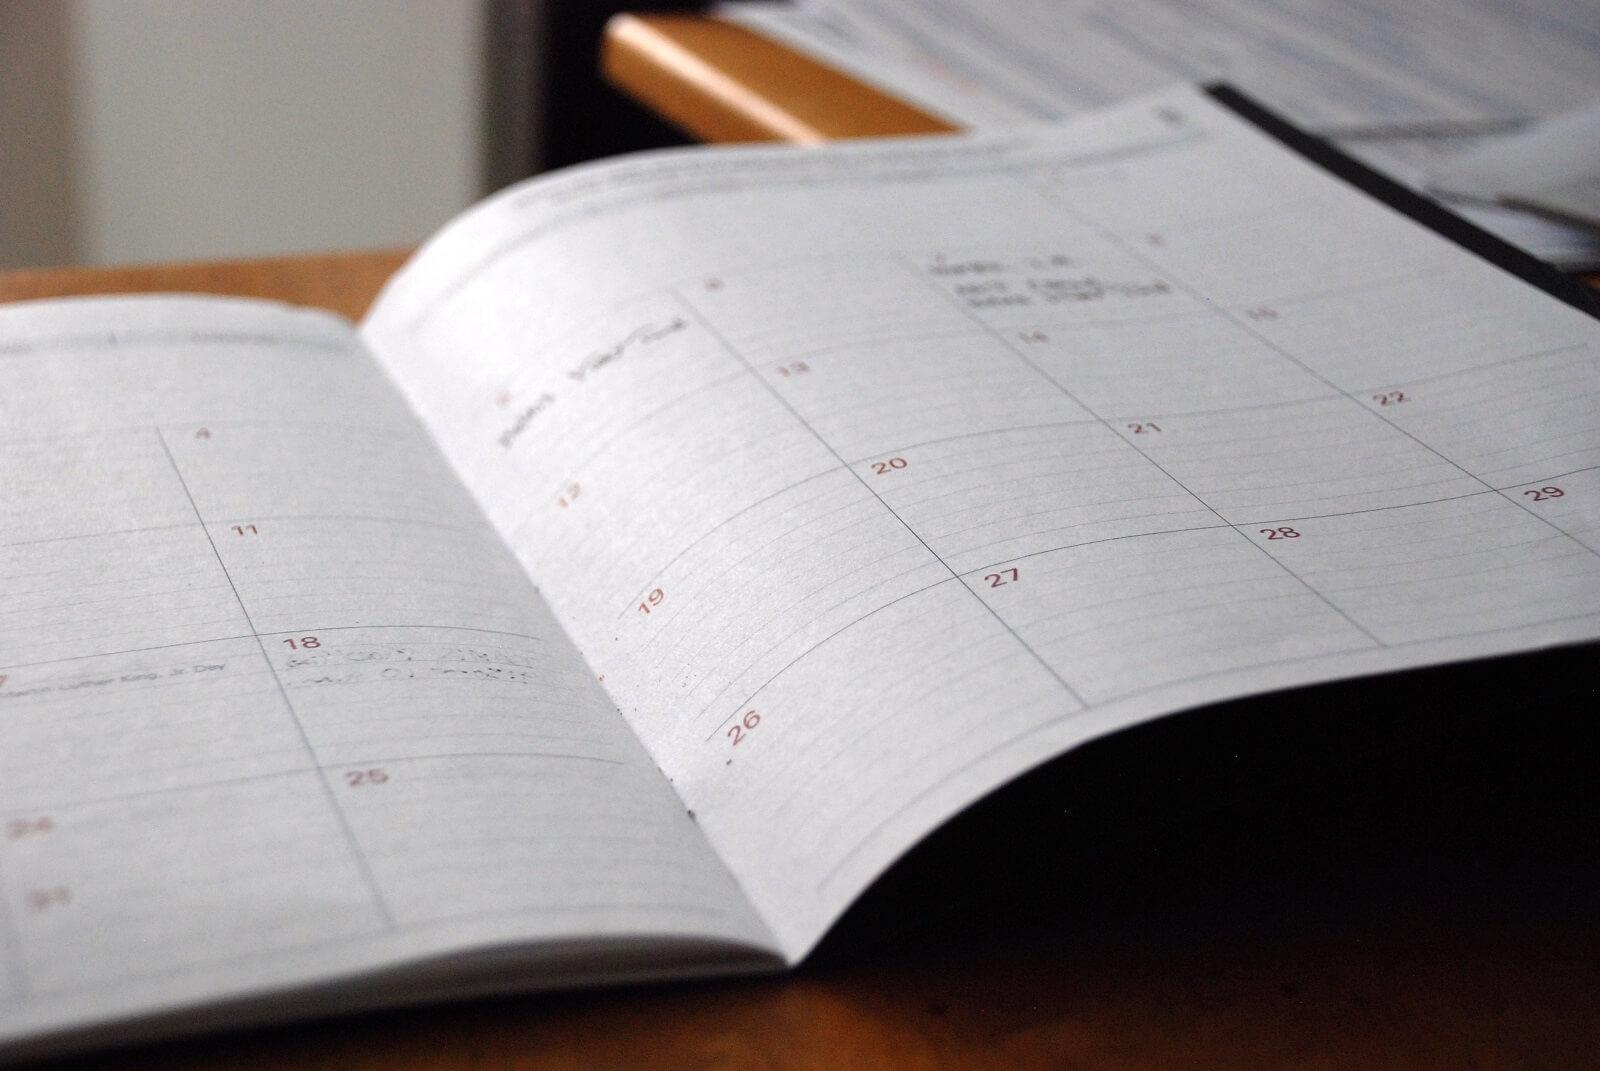 怒挑幾篇(5):要期末了,論文寫到哪裡了?